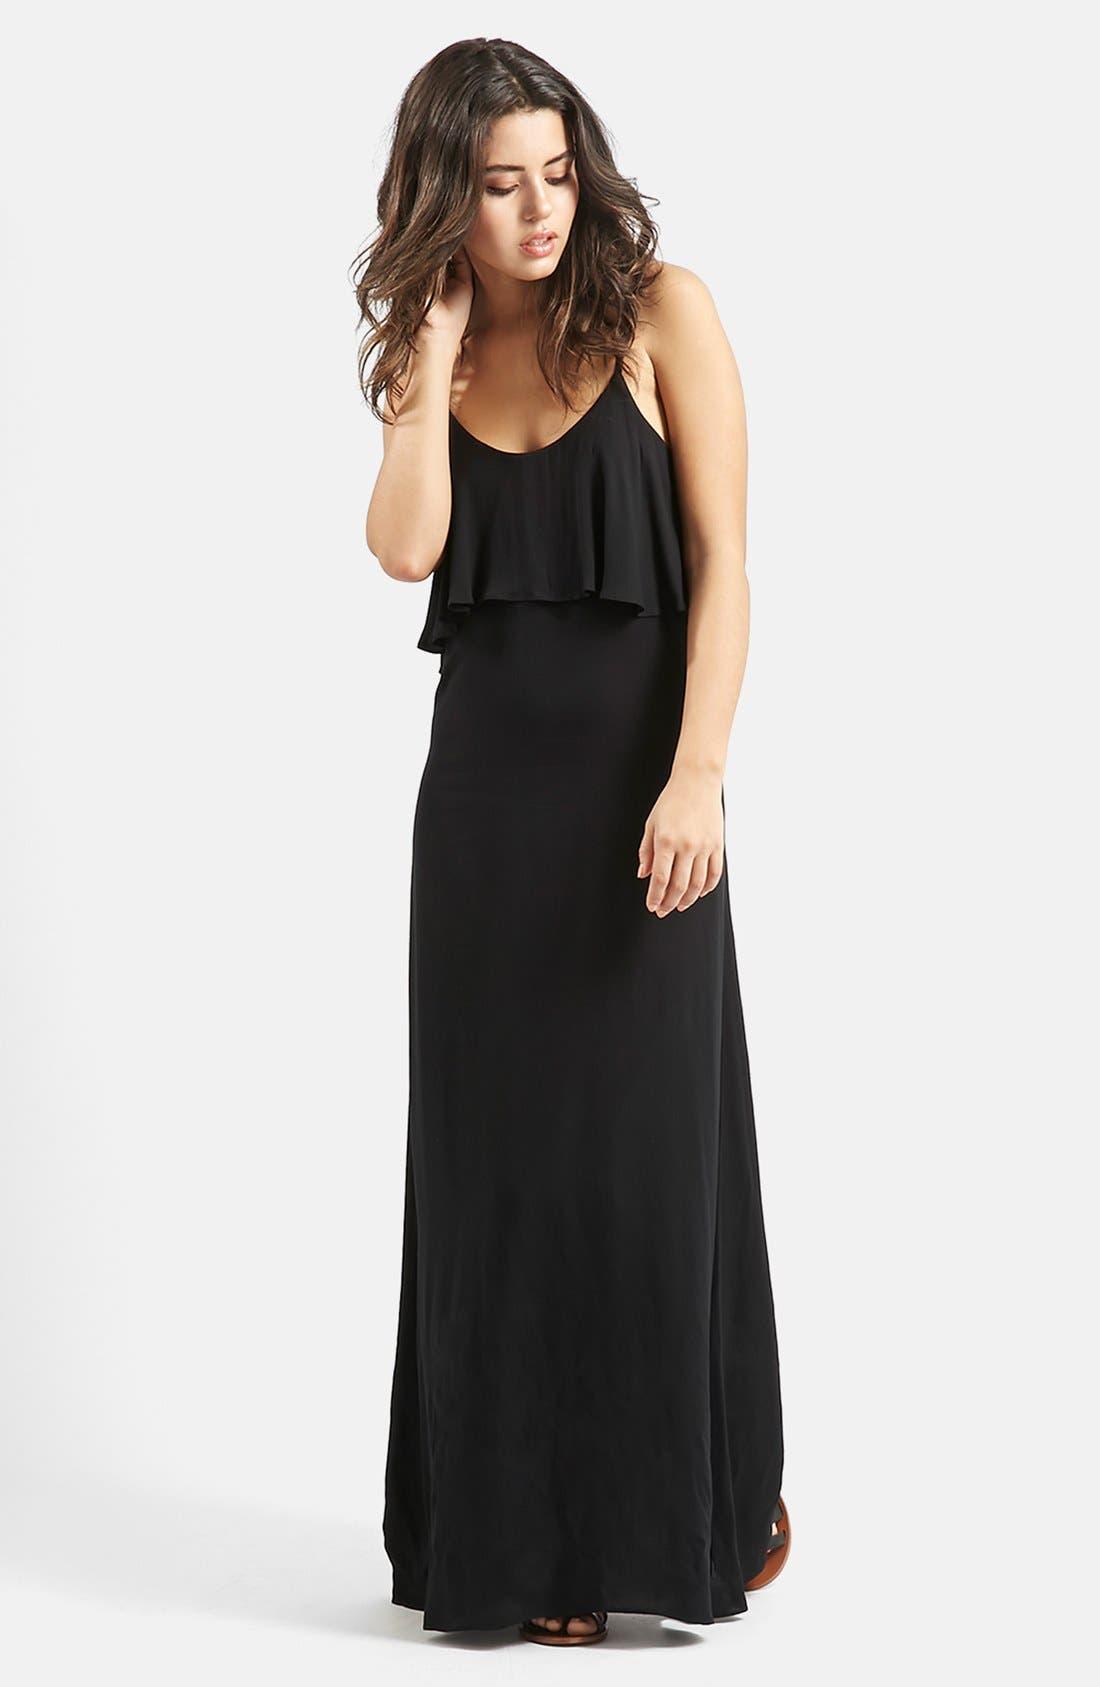 Main Image - KENDALL + KYLIE at Topshop Layered Maxi Dress